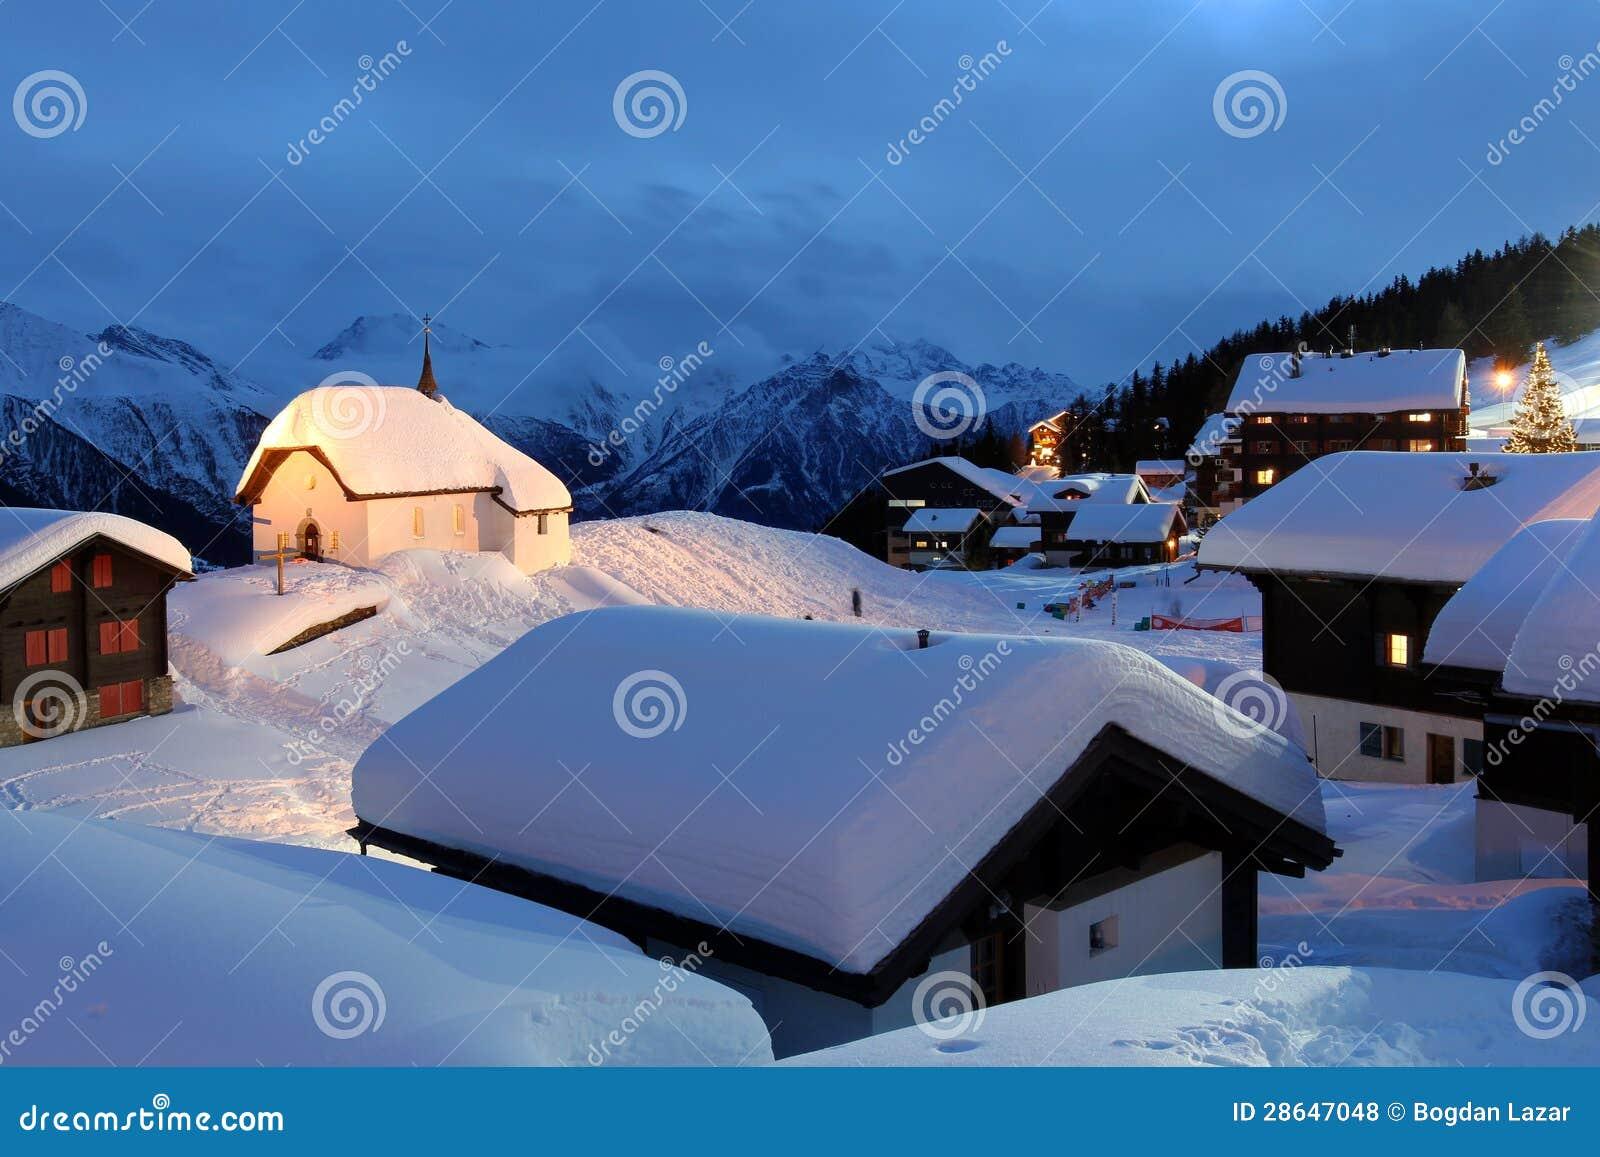 Bettmeralp Switzerland  city photo : Bettmeralp, Switzerland Royalty Free Stock Photos Image: 28647048